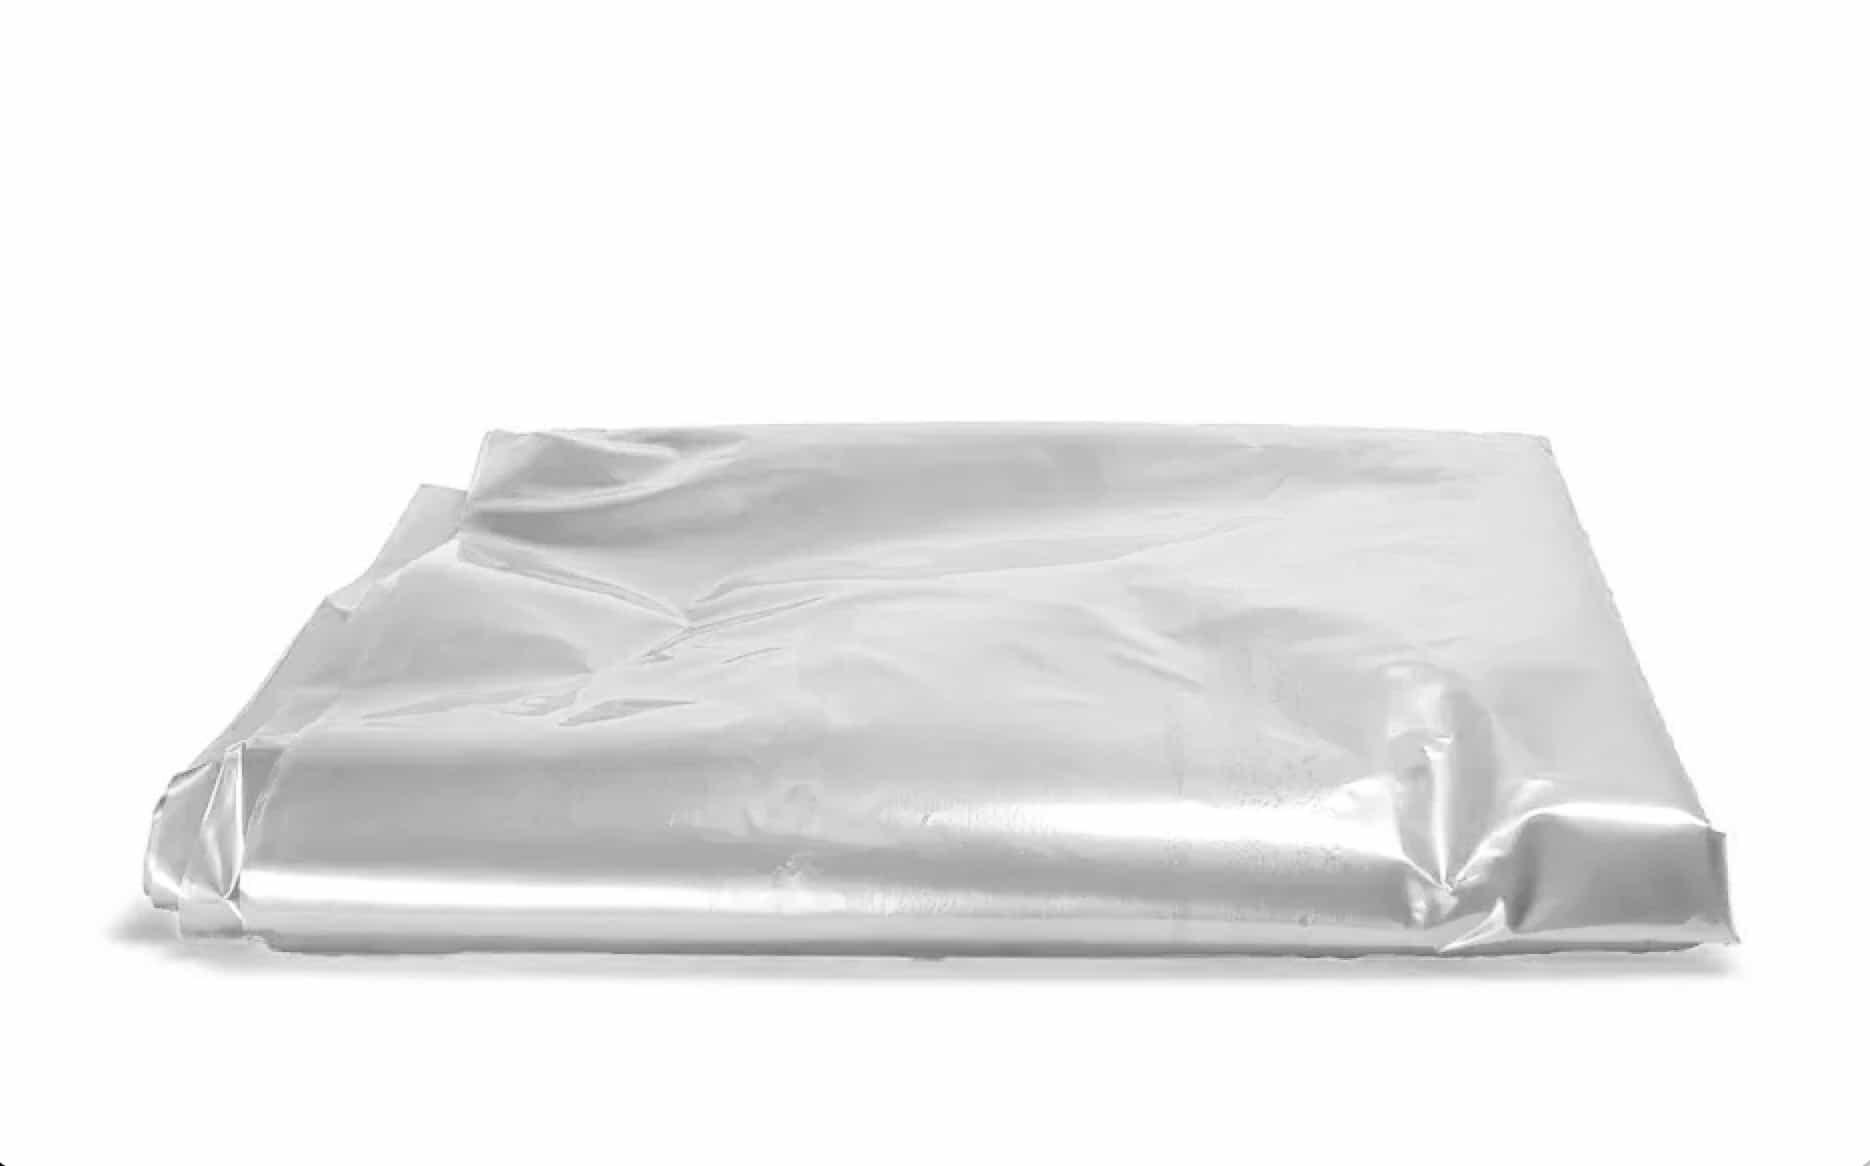 Plastic matrashoezen transparant 1 persoons - 2300 x 1000 x 220mm (25 st)